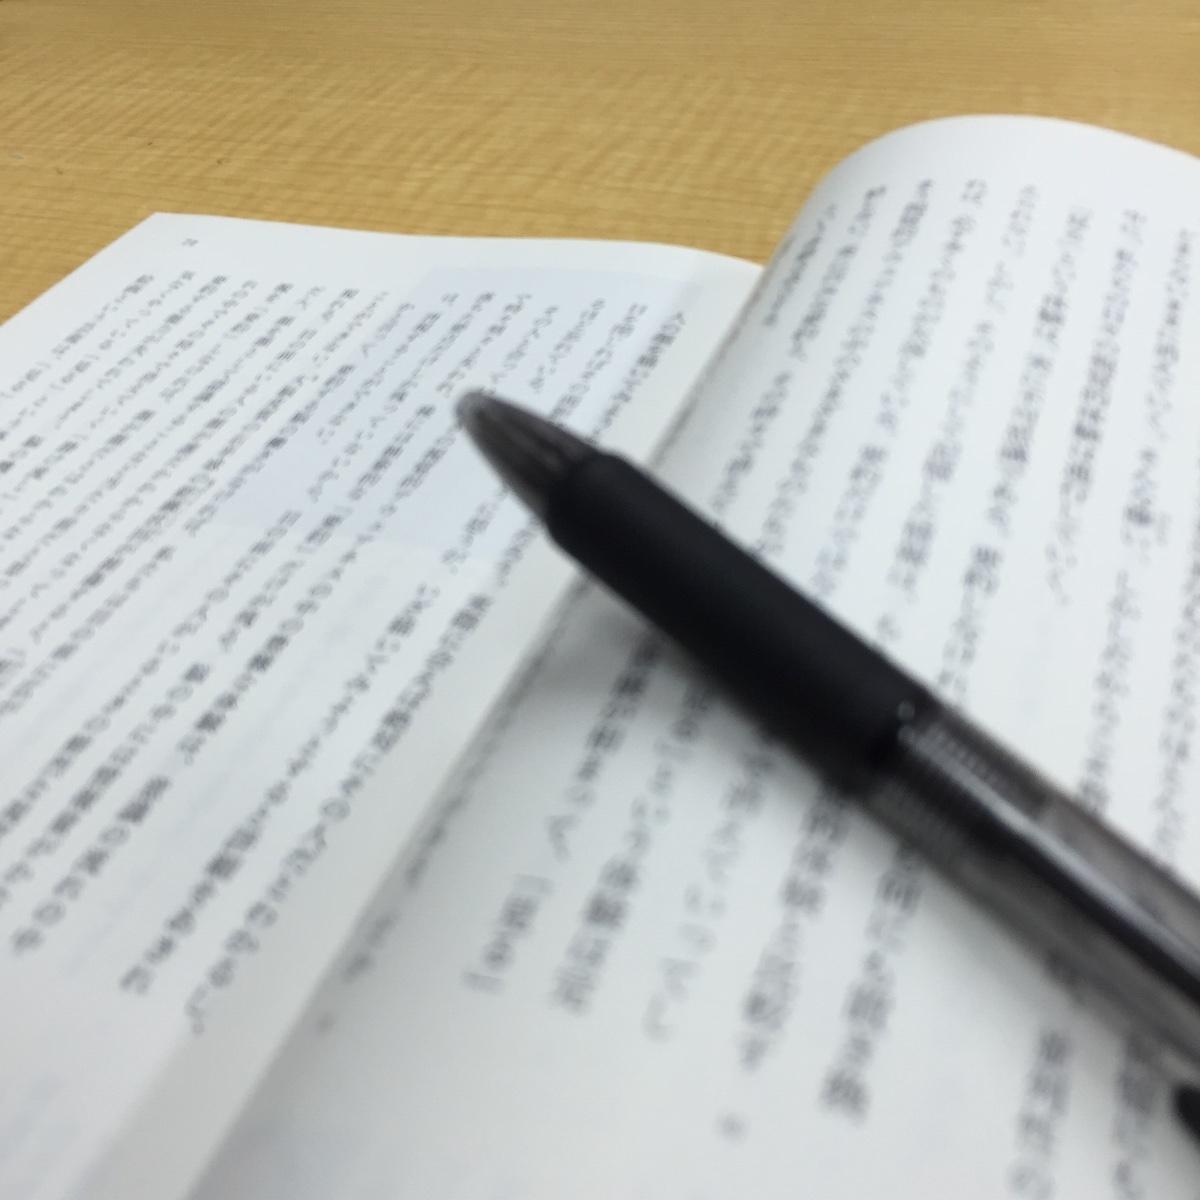 まずこれだけは意識しておくべき!大学受験勉強における国語の勉強法